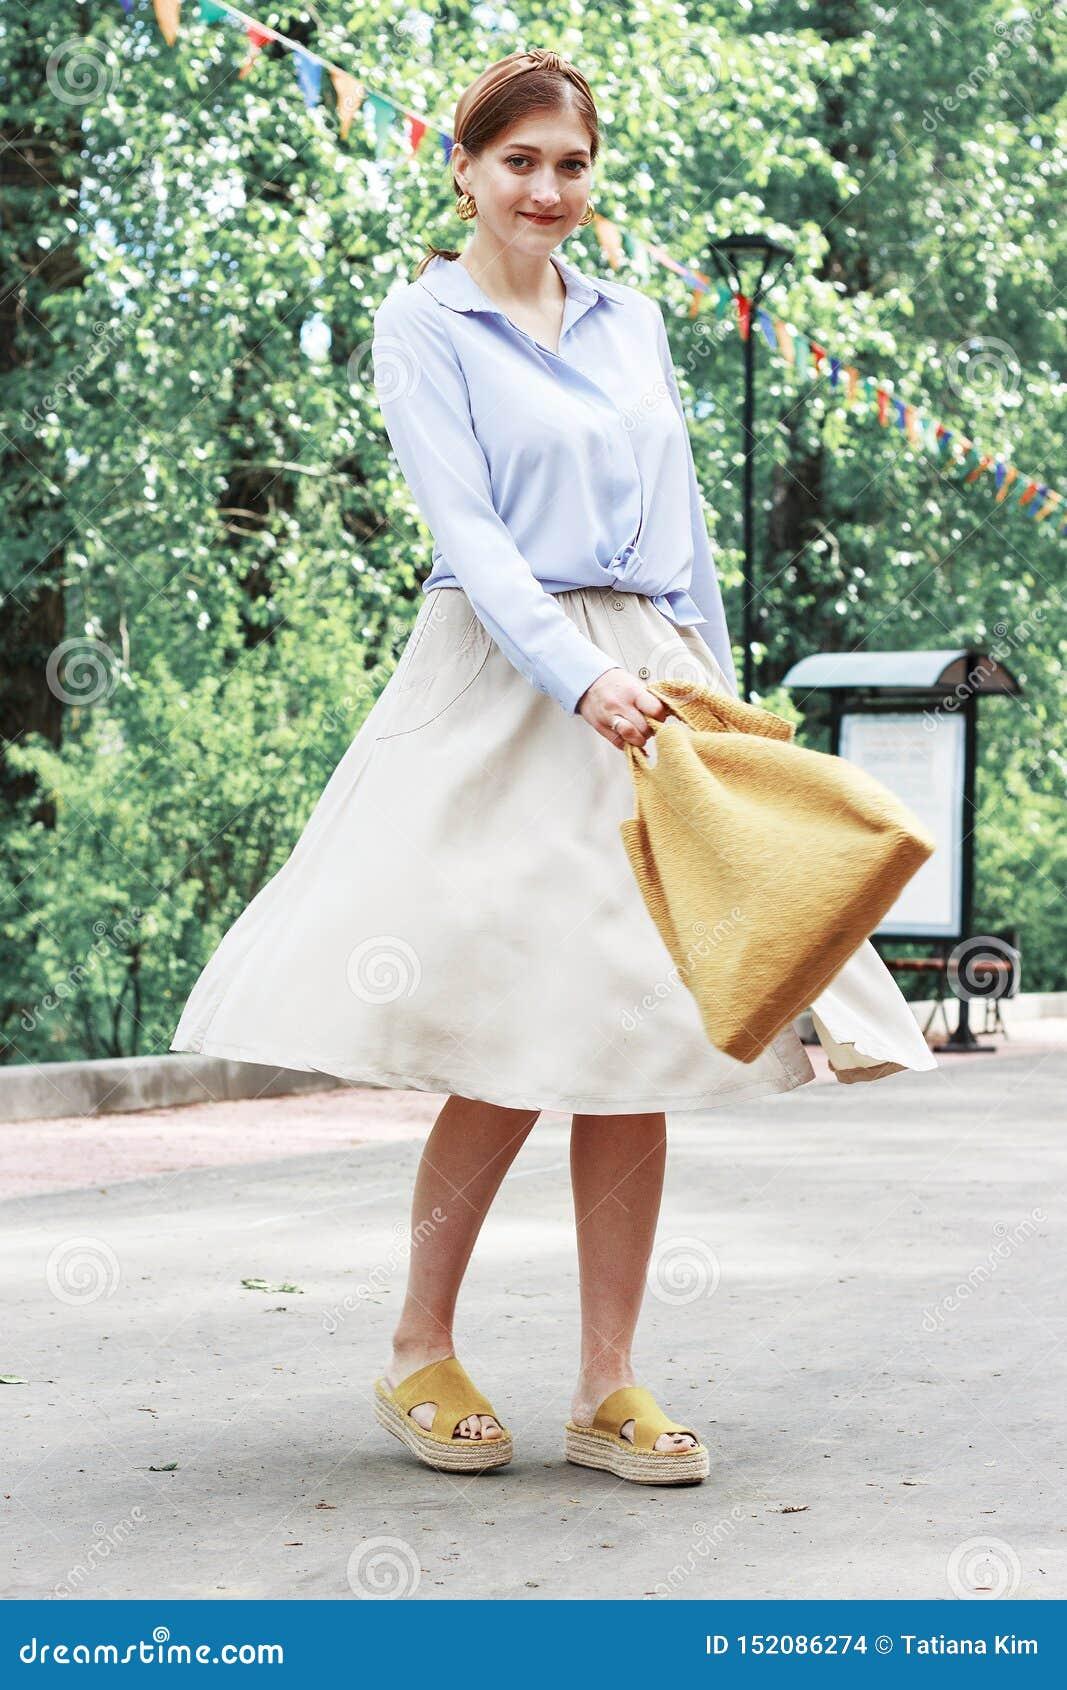 sommer-mode-ausstattung mädchen im kleid, in den gelben